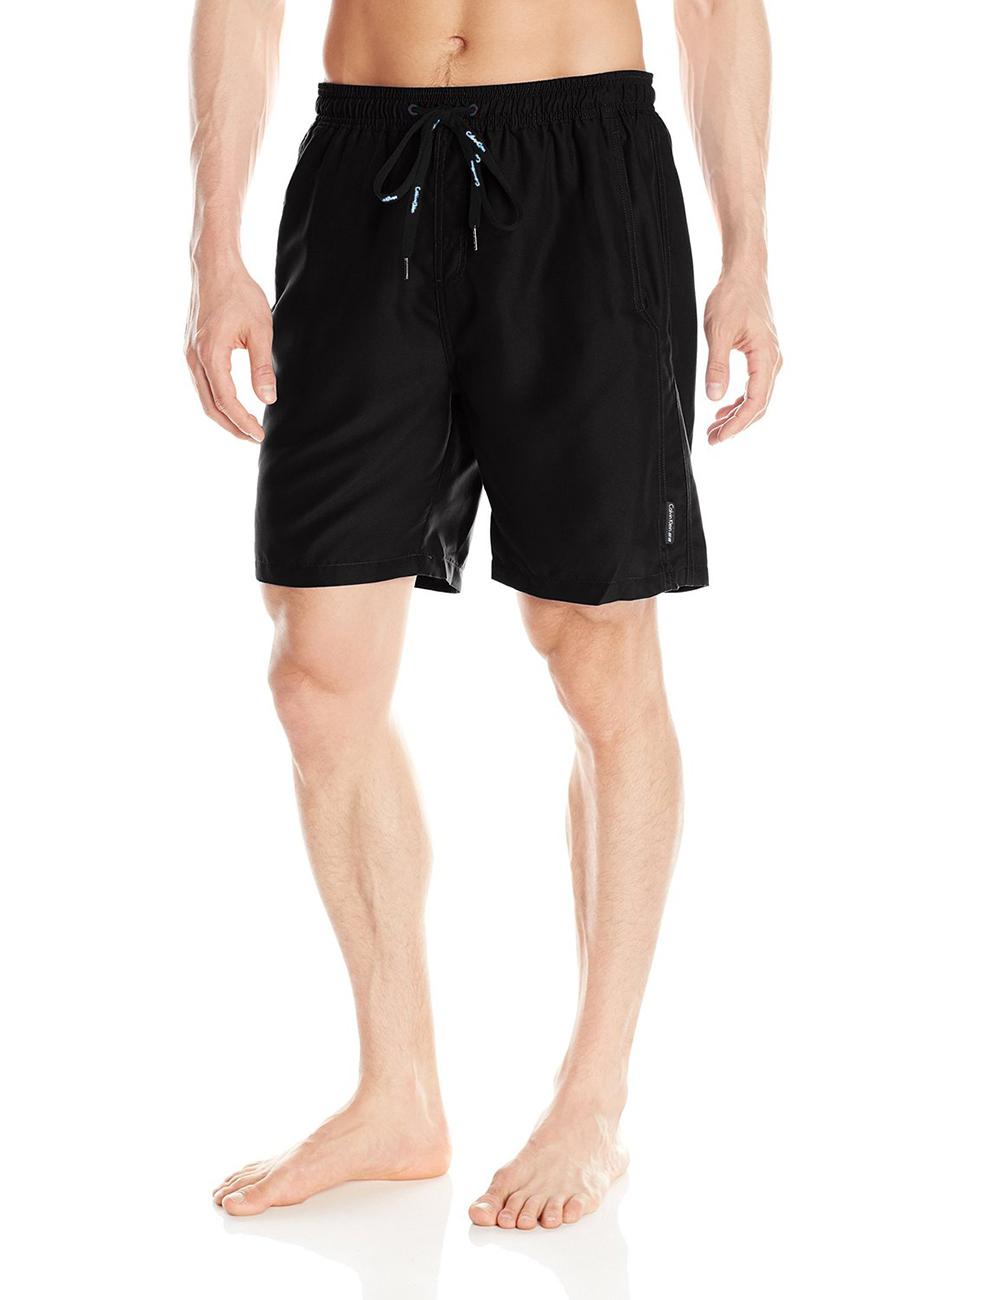 美國百分百【全新真品】Calvin Klein 短褲 CK 休閒褲 海灘褲 泳褲 沙灘褲 衝浪褲 黑色 男 XXL號 F114